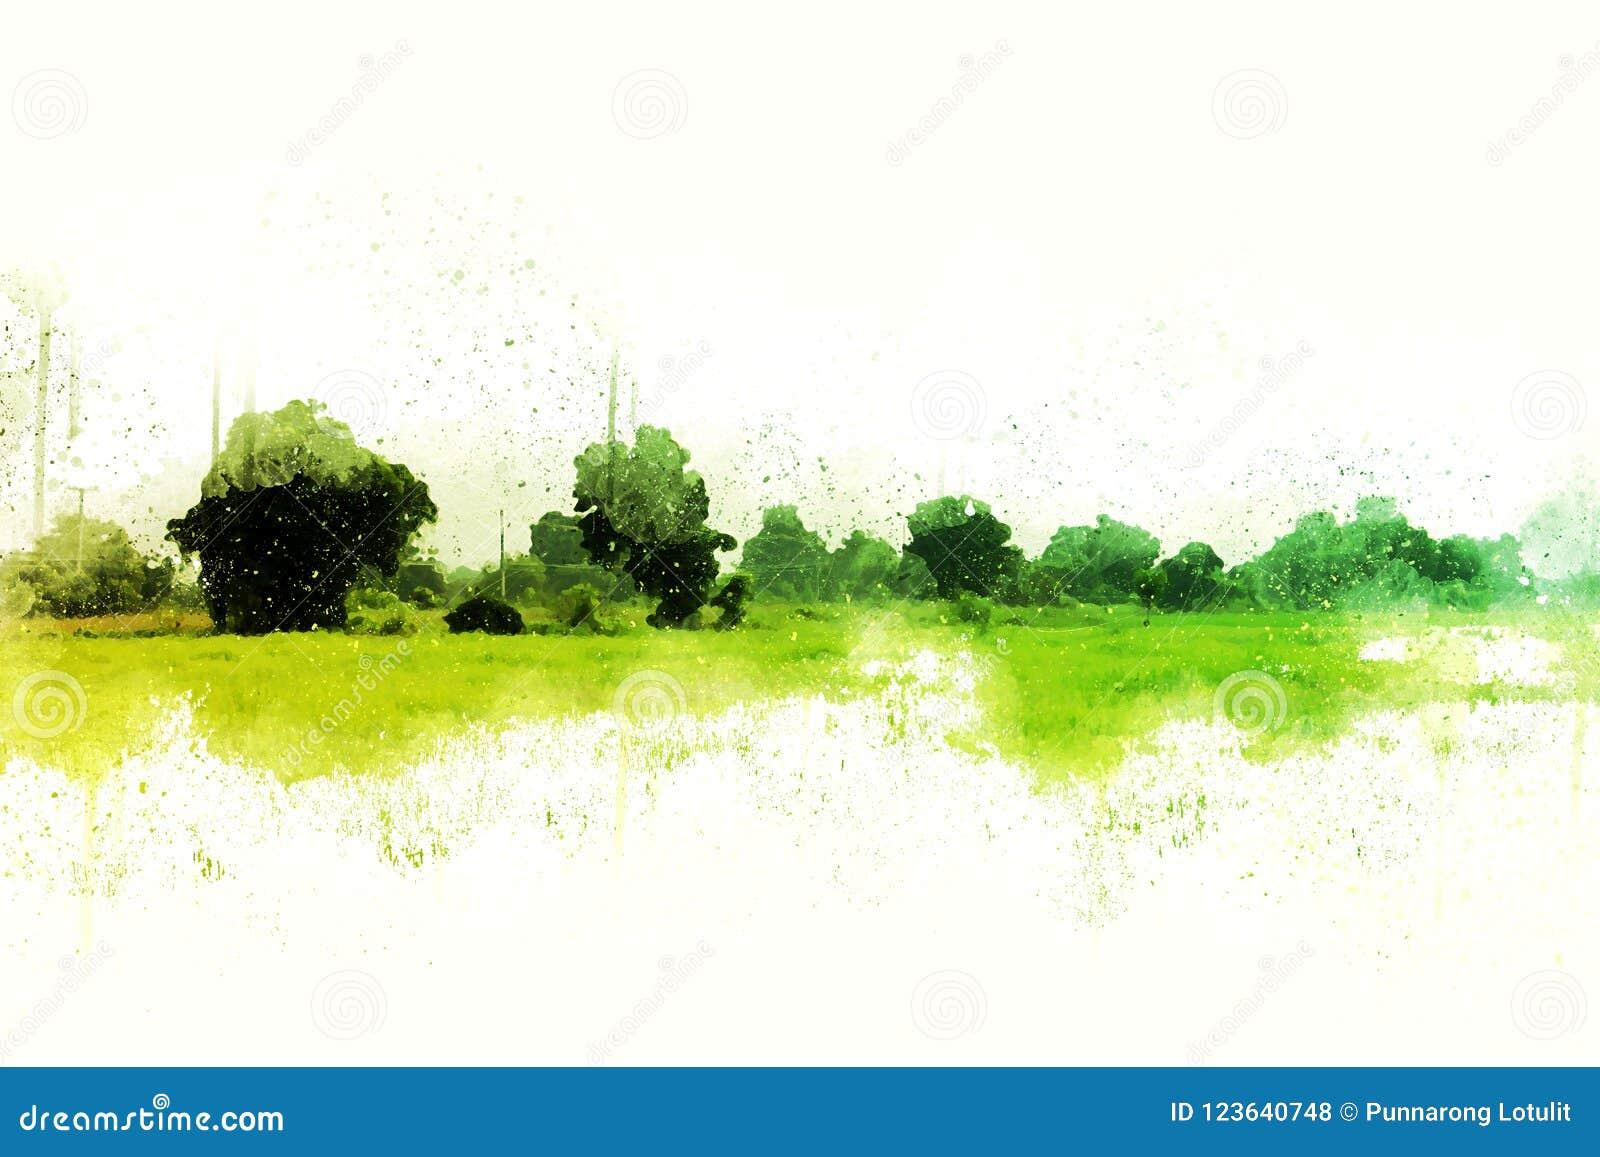 抽象绿色树和领域风景水彩